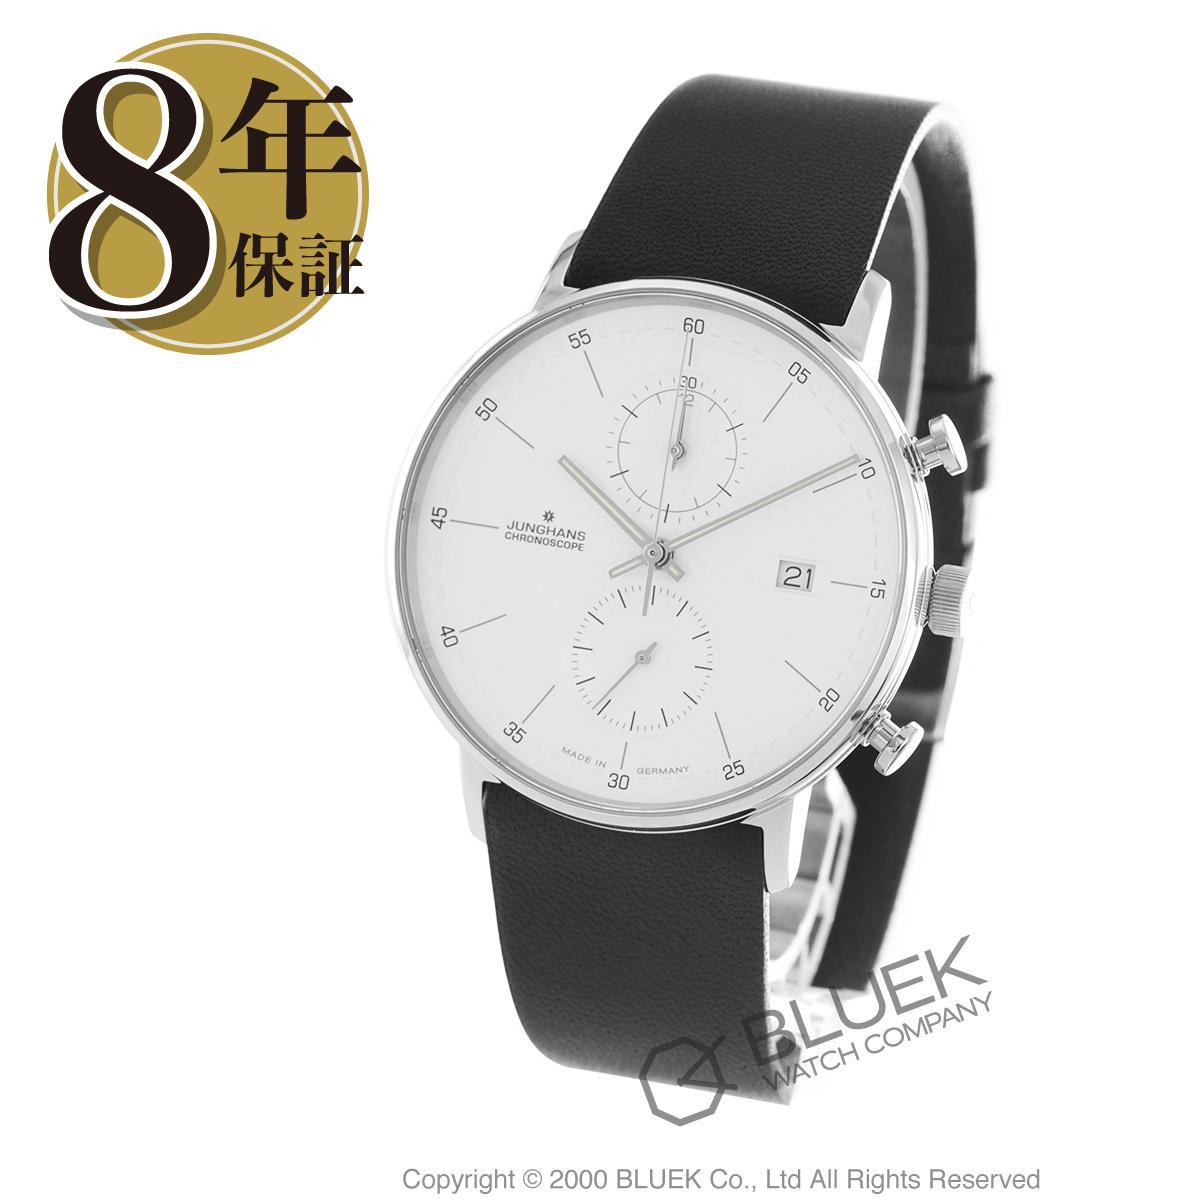 【1,000円OFFクーポン対象】ユンハンス フォームC クロノグラフ 腕時計 メンズ JUNGHANS 041/4770.00_8